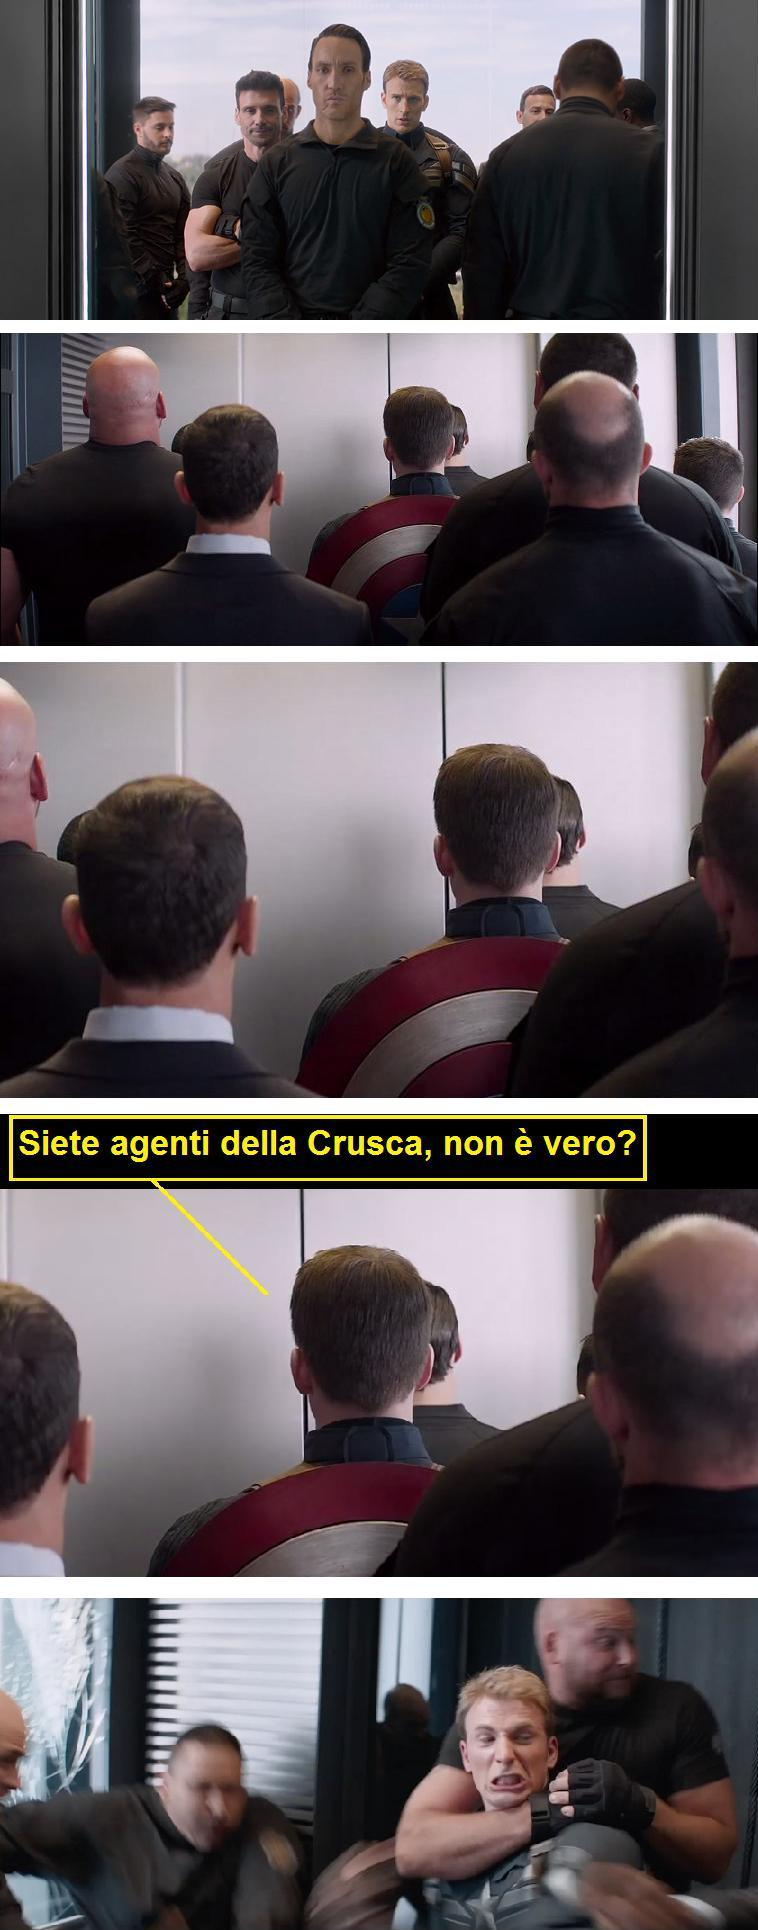 L'arresto di Captain America vignetta sugli agenti della Crusca